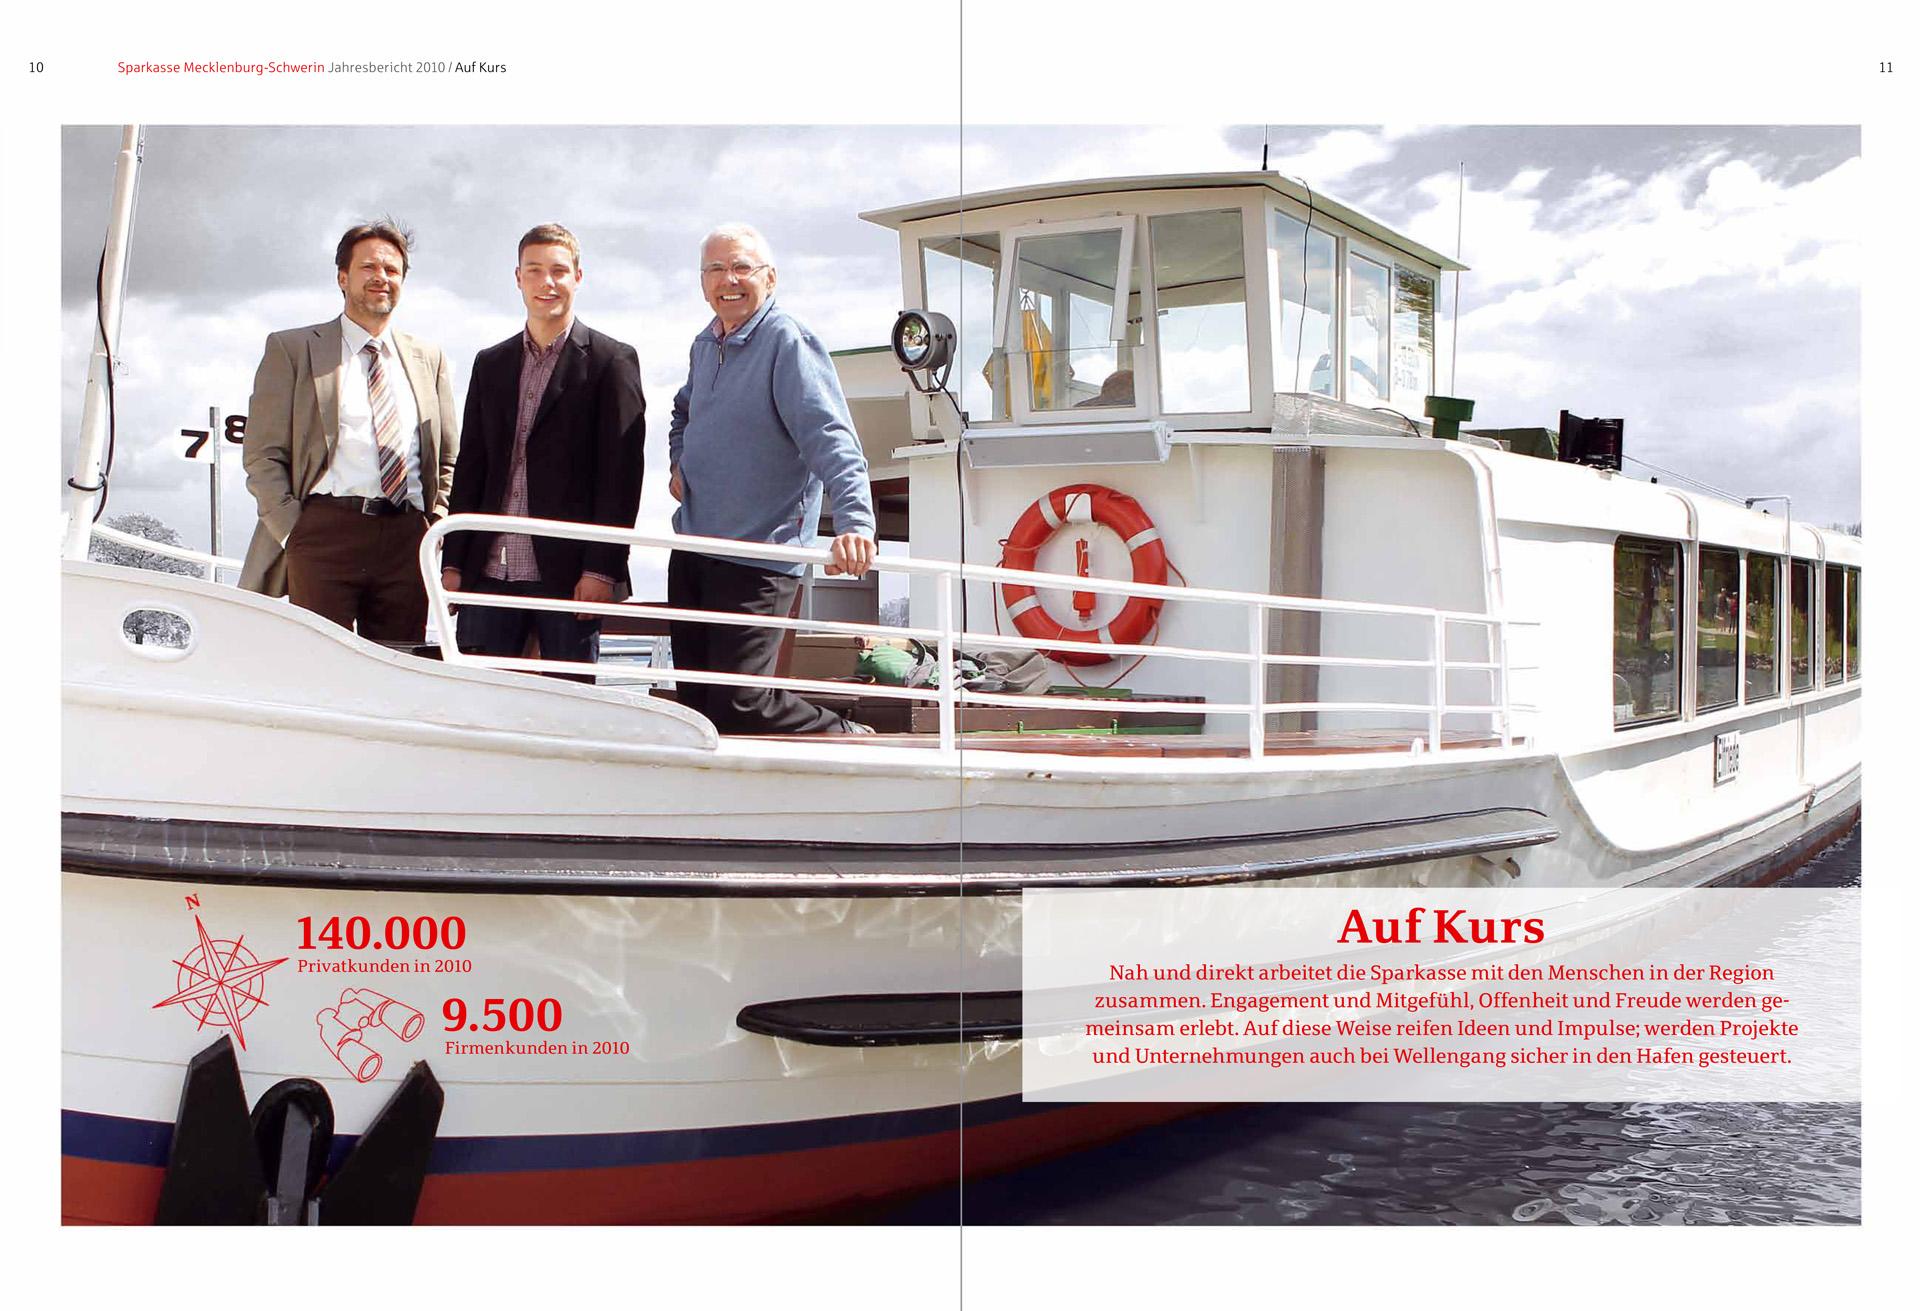 spk-gb2010-1011-aufkurs